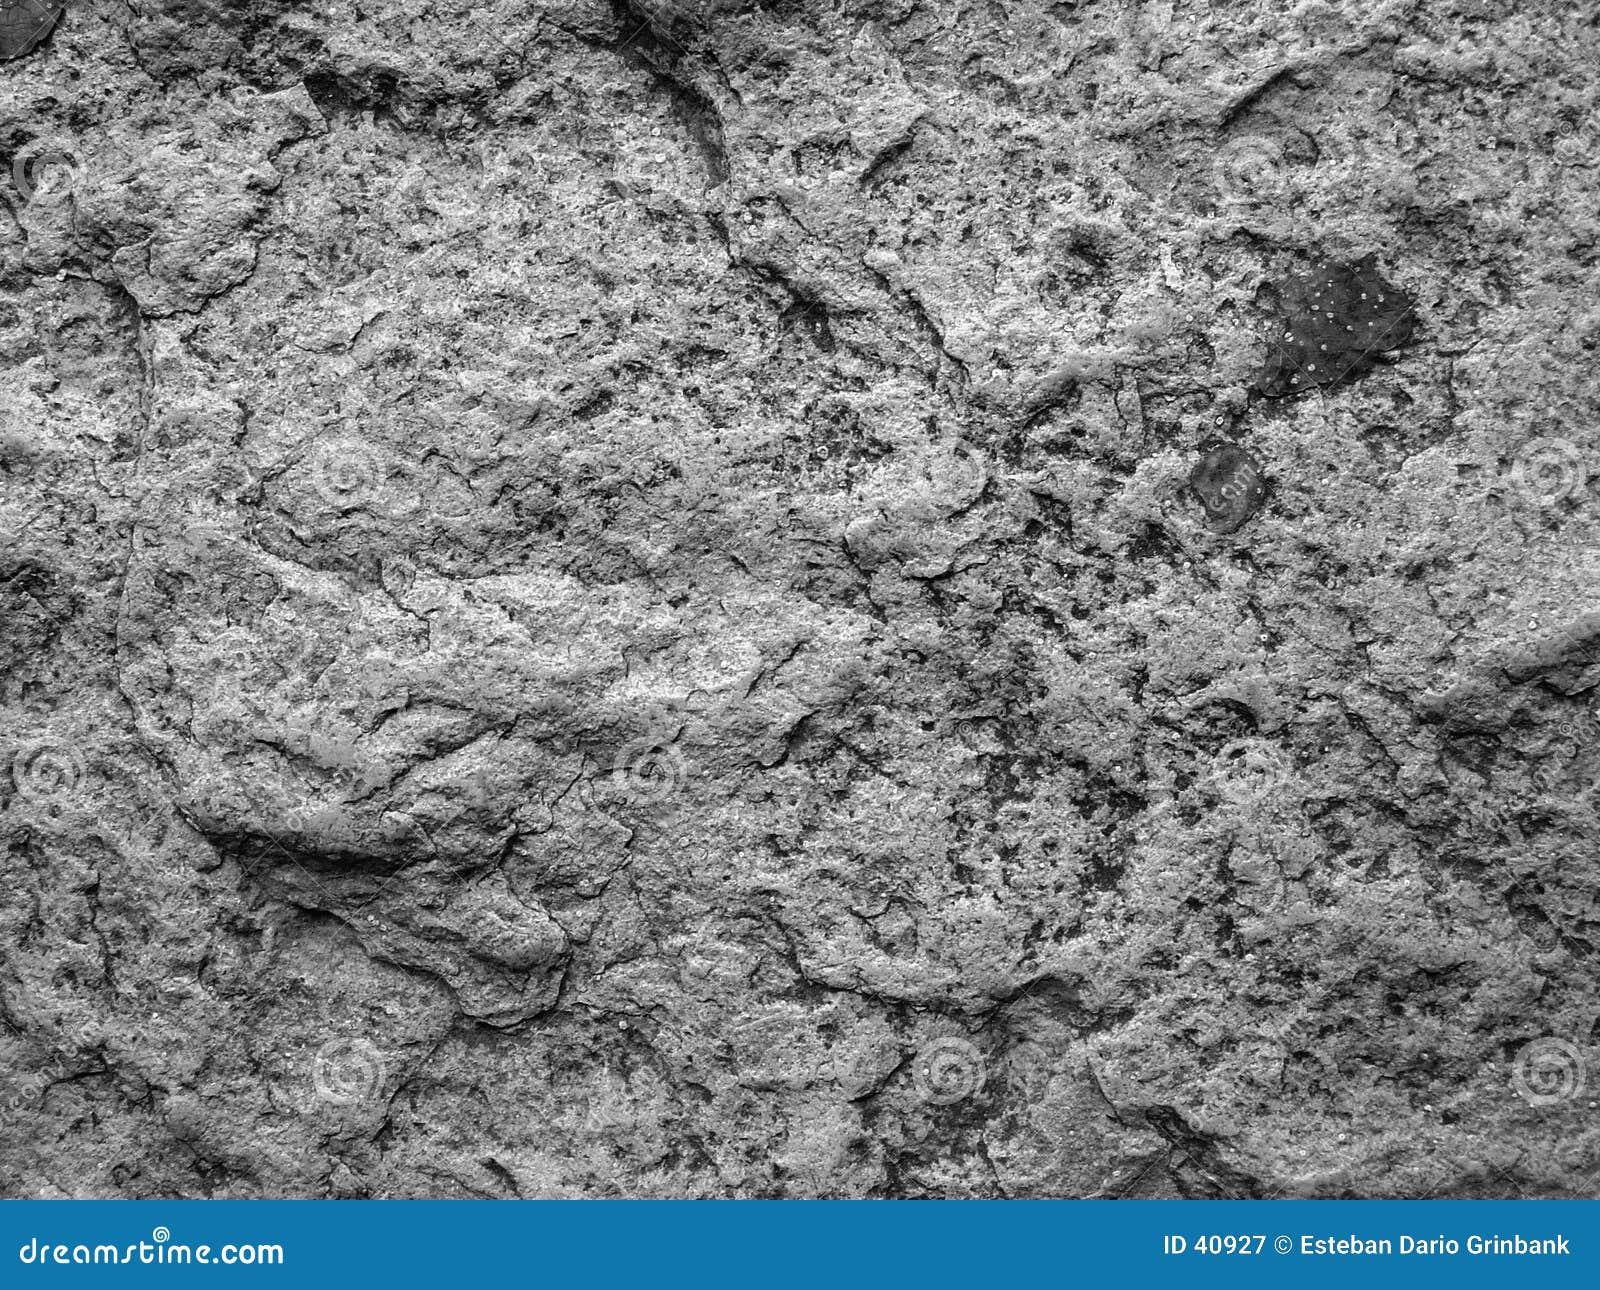 Download Piedra imagen de archivo. Imagen de geología, caliente, duro - 40927